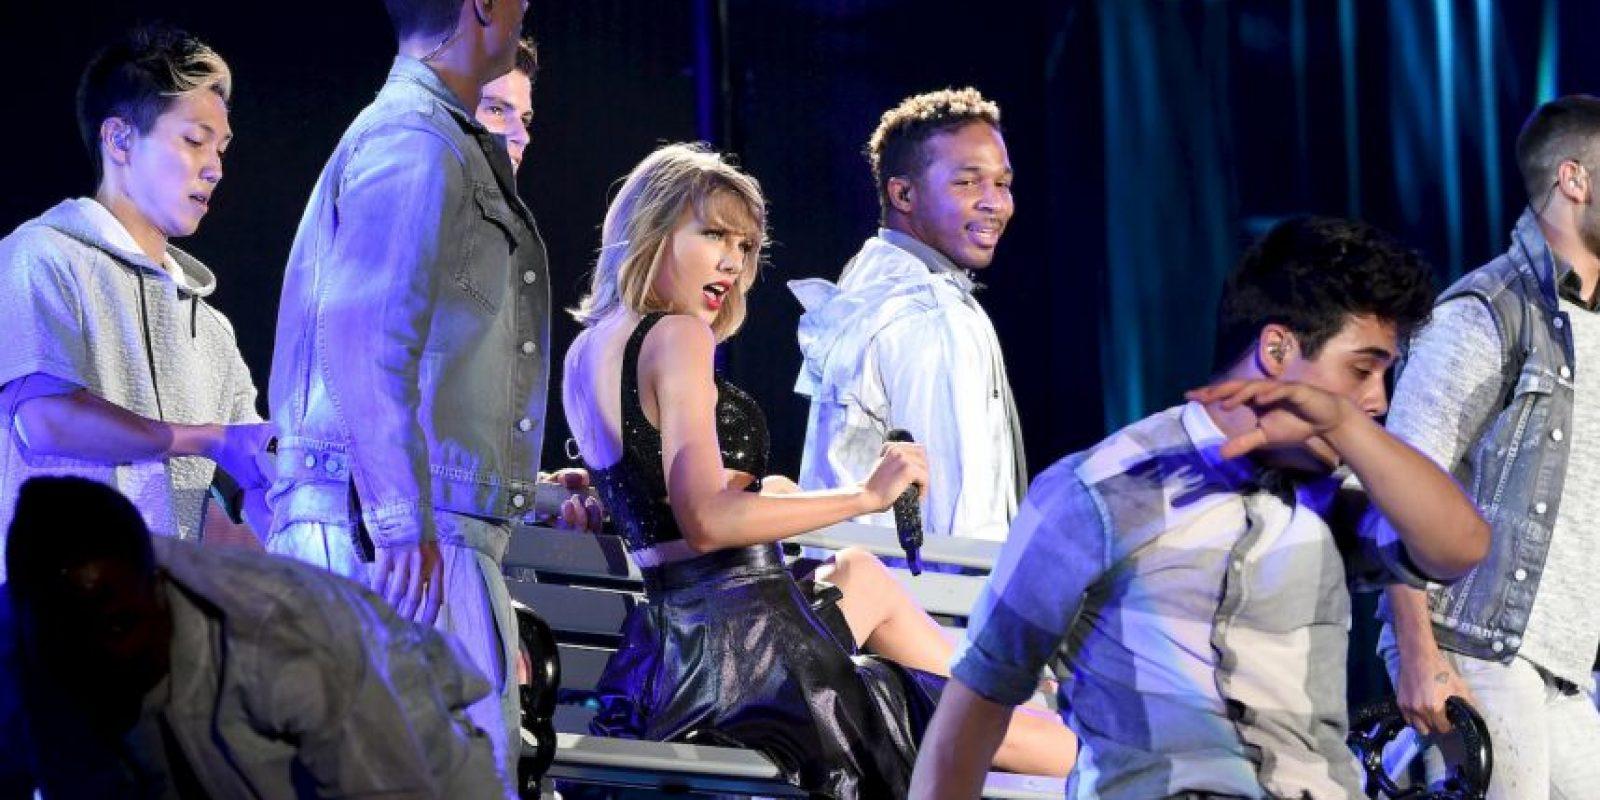 La gira de Taylor Swift está lejos de terminar Foto:Getty Images